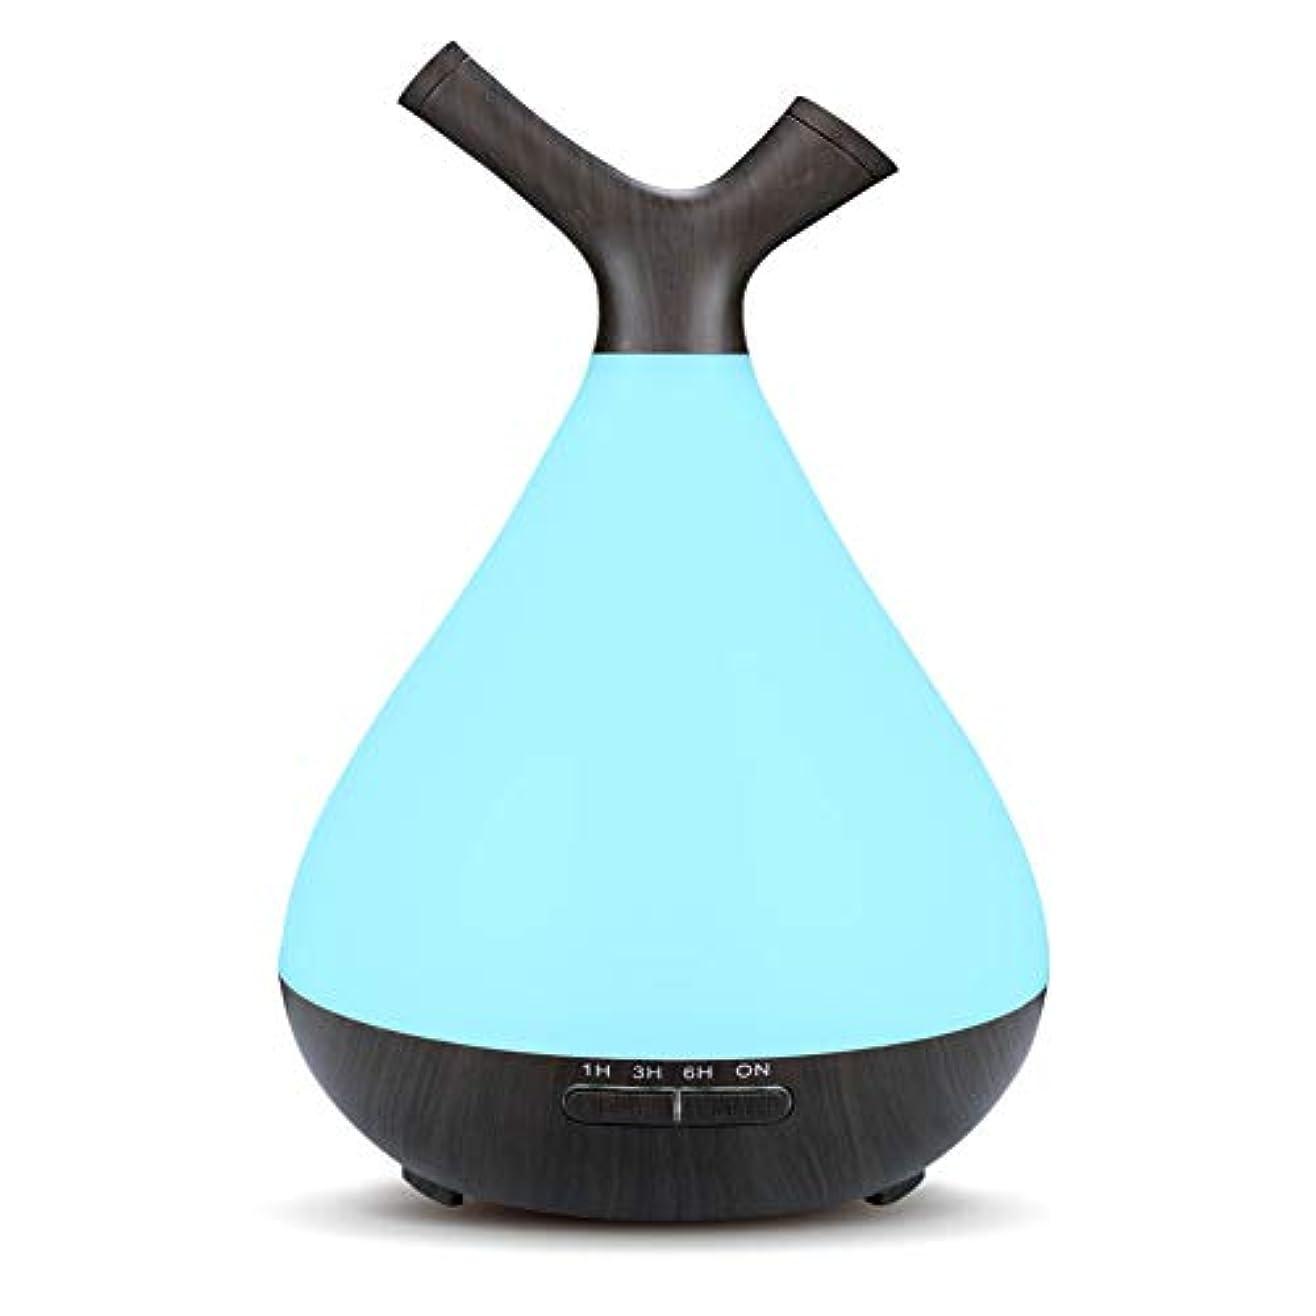 情緒的運搬社説木目 2 ノズル 7 色 加湿器,涼しい霧 時間 加湿機 調整可能 香り 精油 ディフューザー 空気を浄化 オフィス ベッド- 400ml